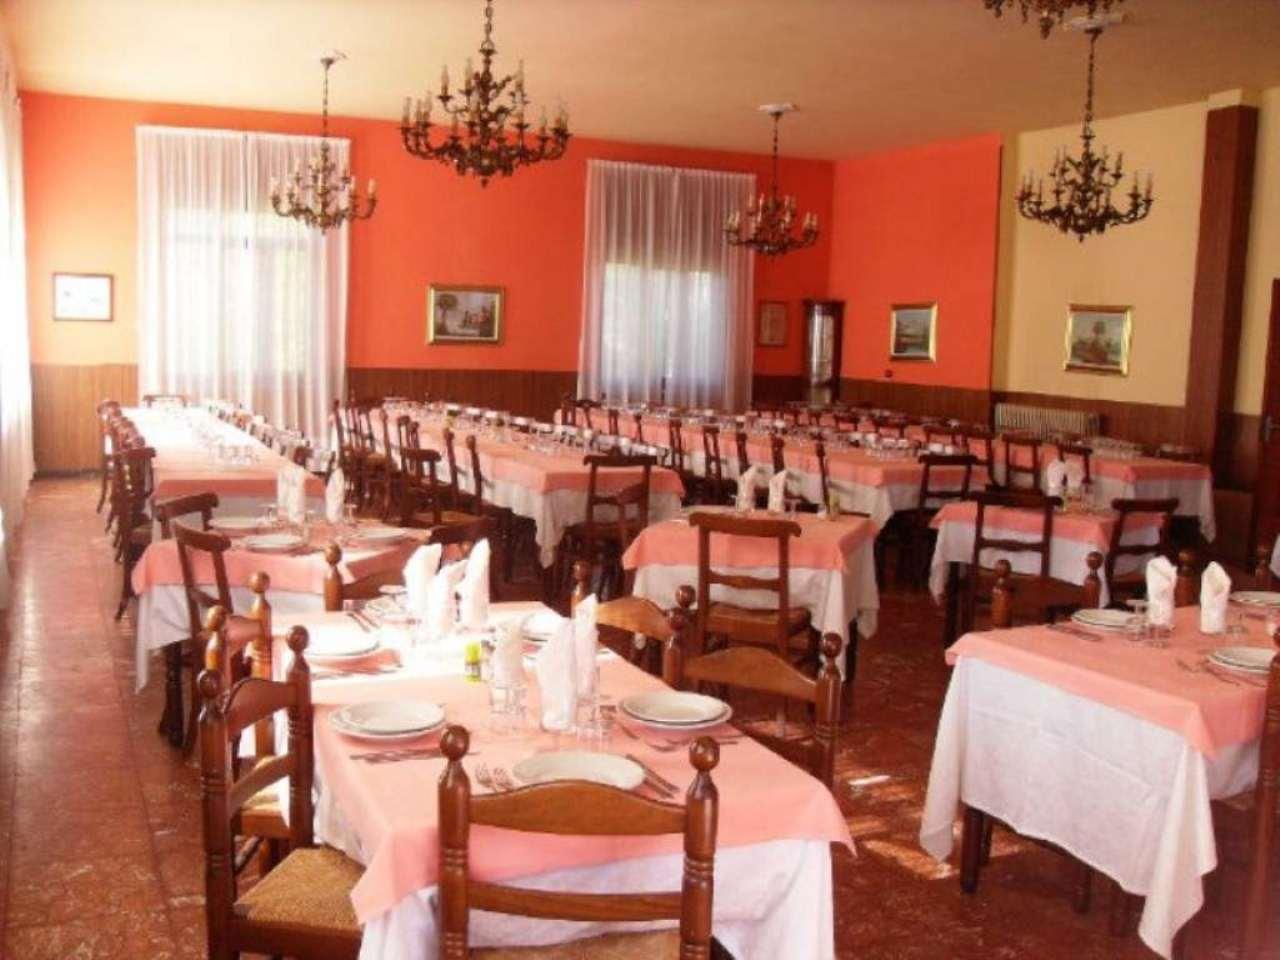 Ristorante / Pizzeria / Trattoria in vendita a Frinco, 4 locali, Trattative riservate | Cambio Casa.it